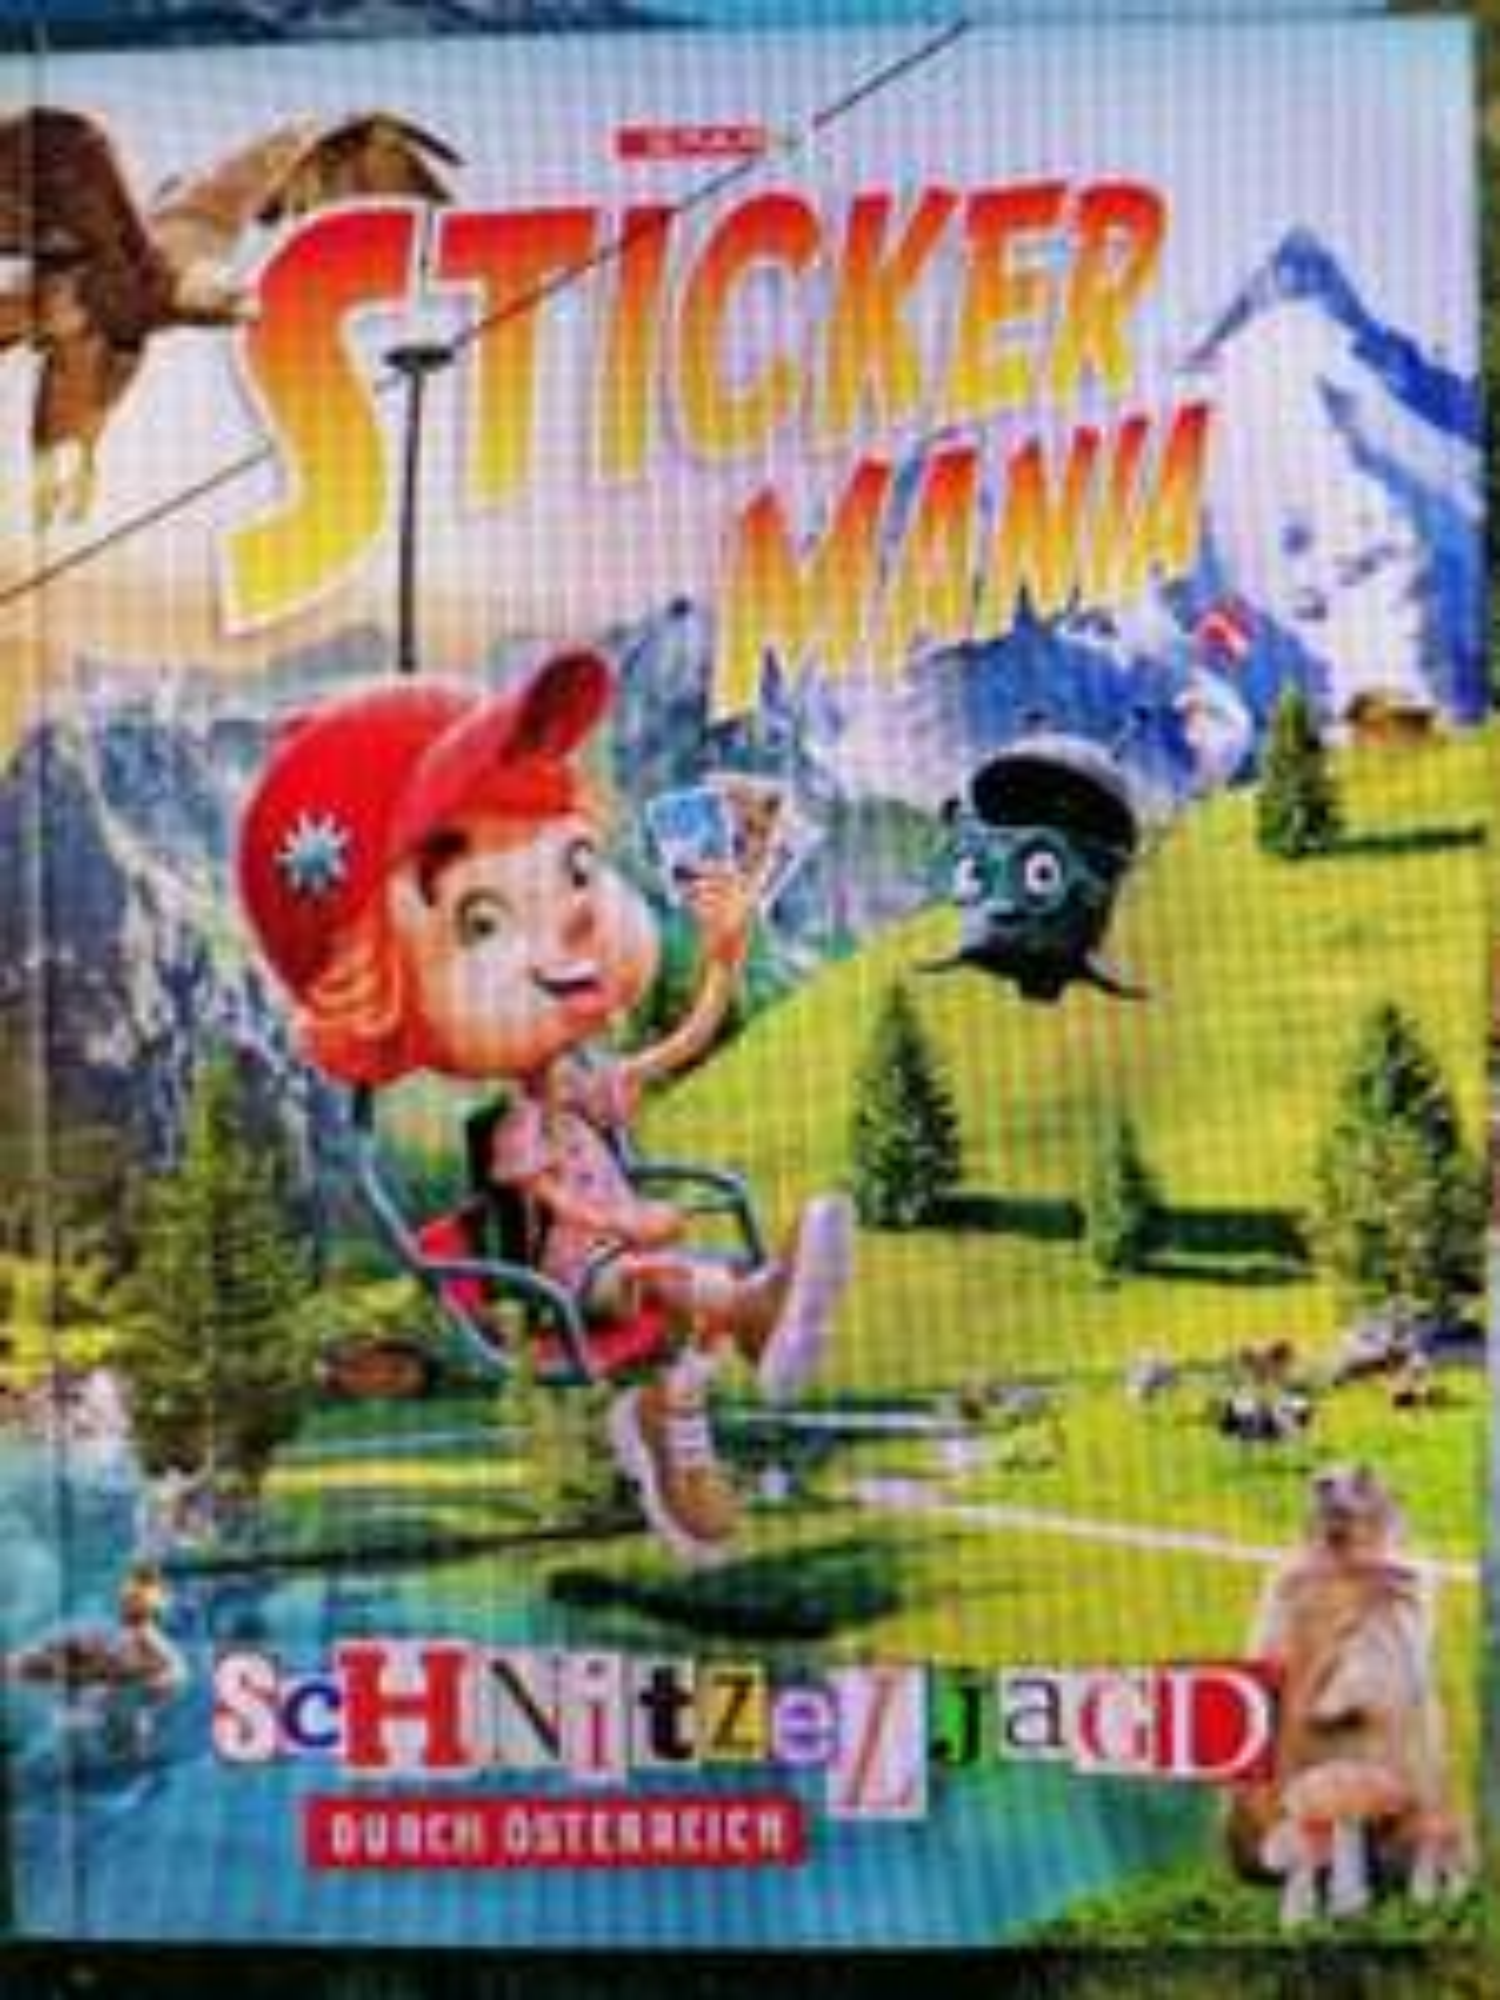 Stickermania Album